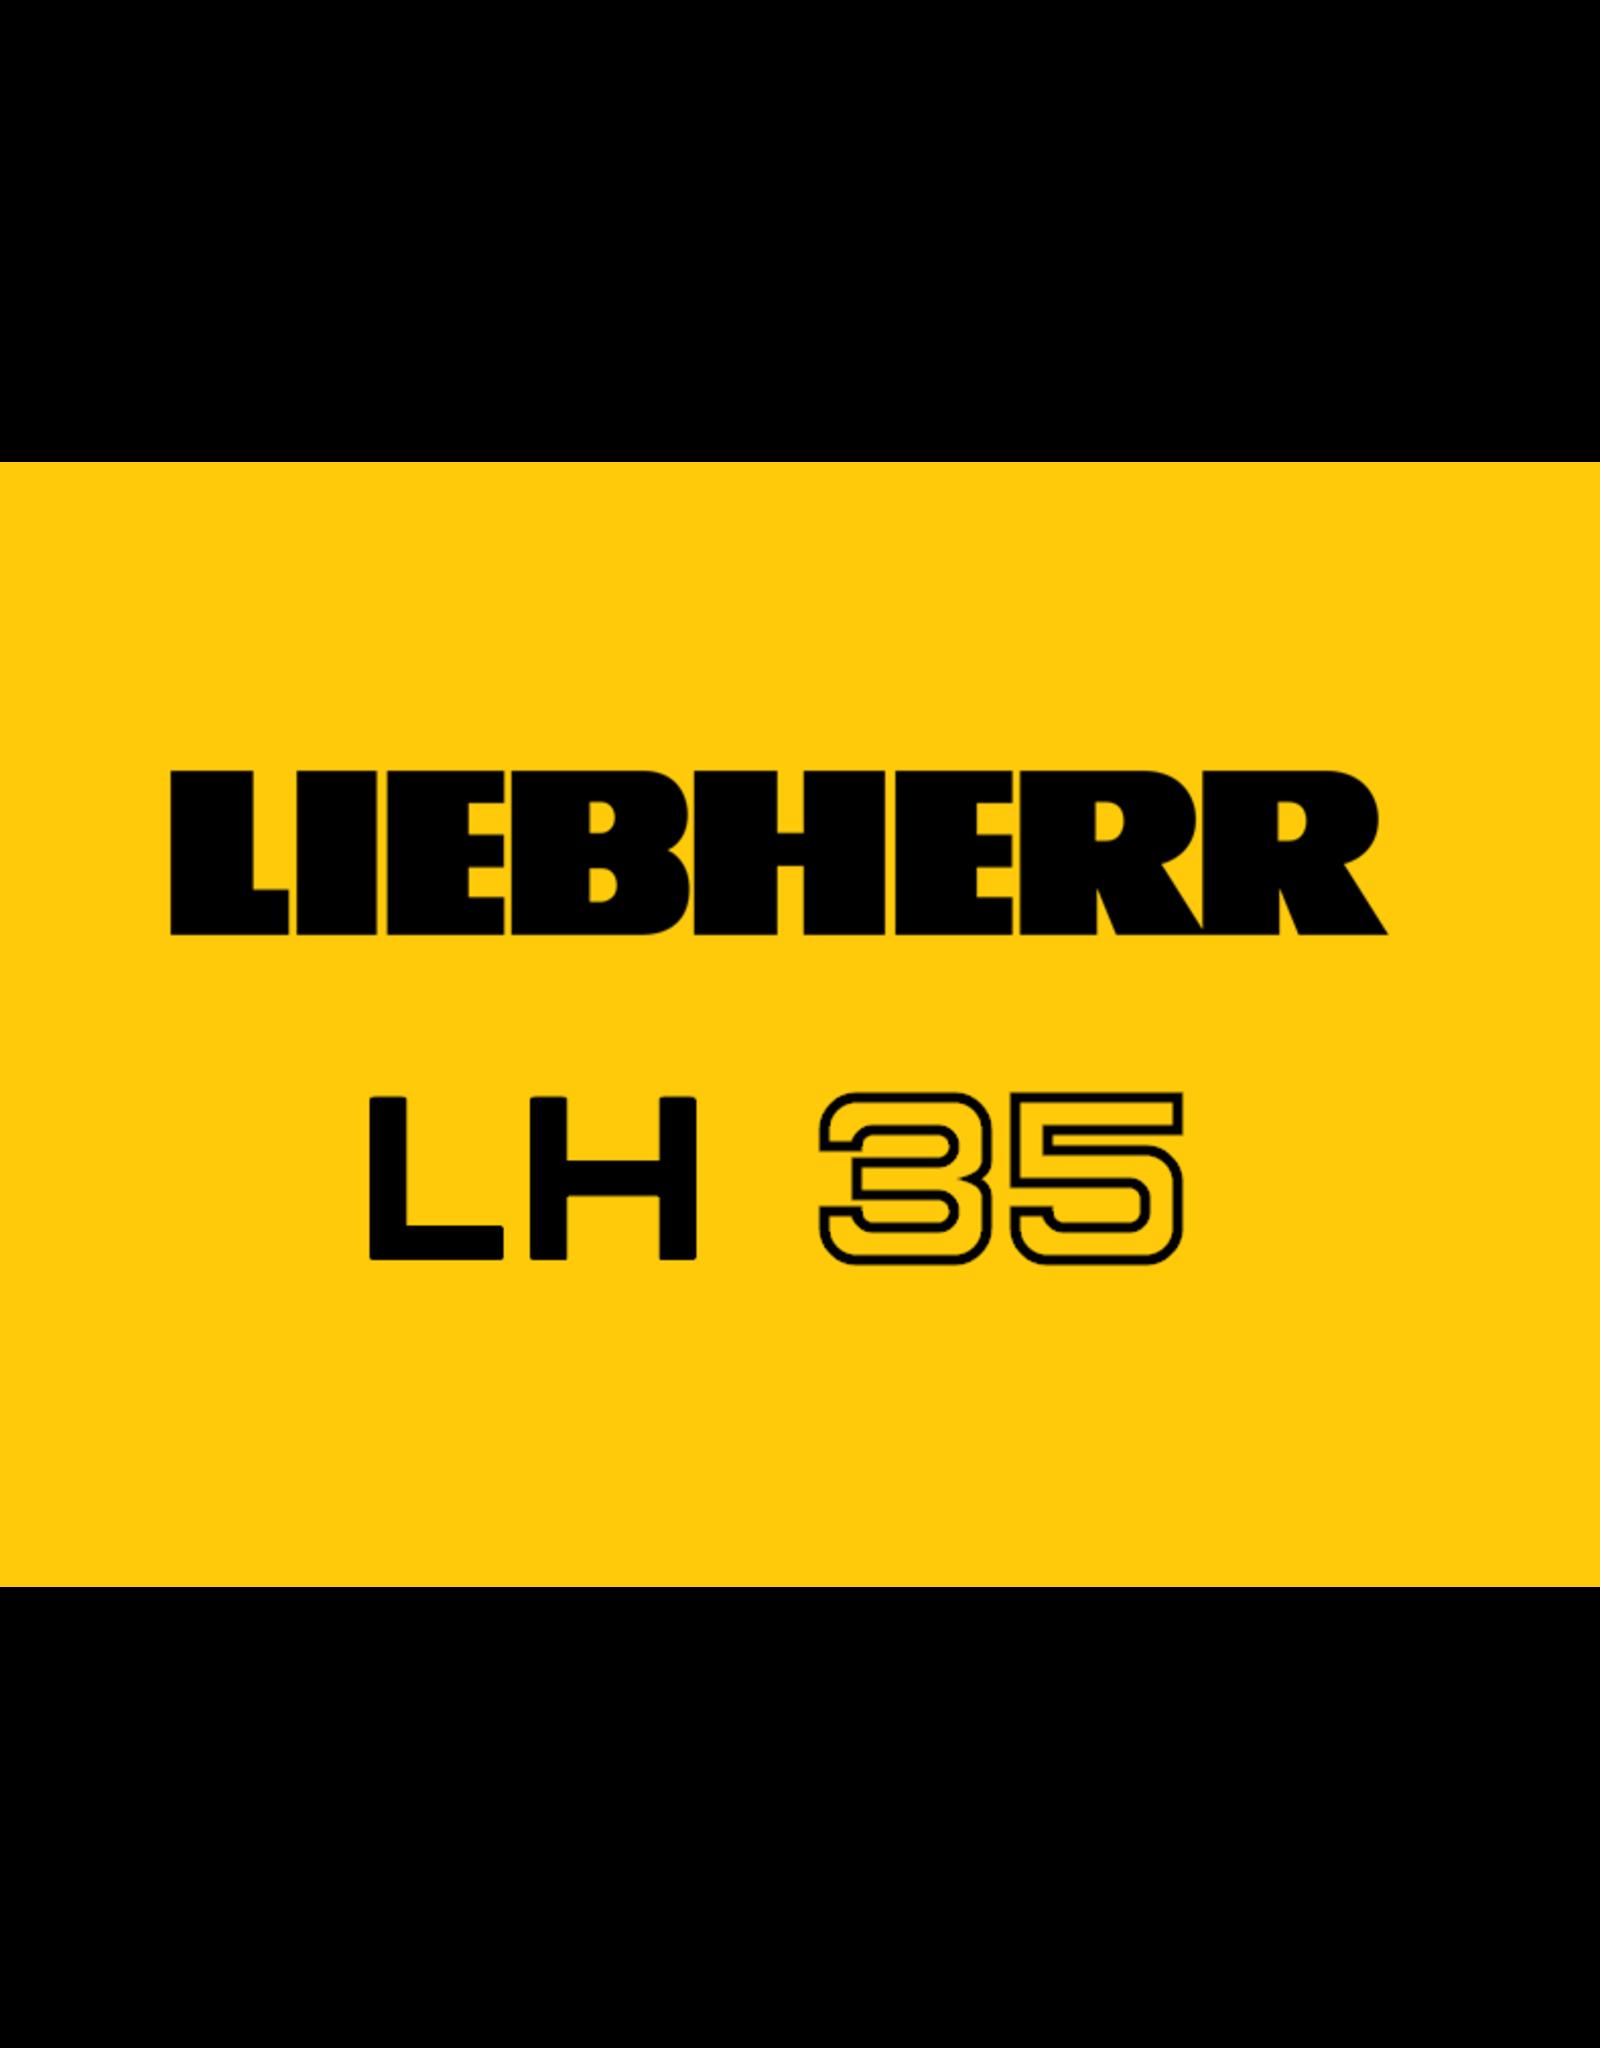 Echle Hartstahl GmbH FOPS for Liebherr LH 35